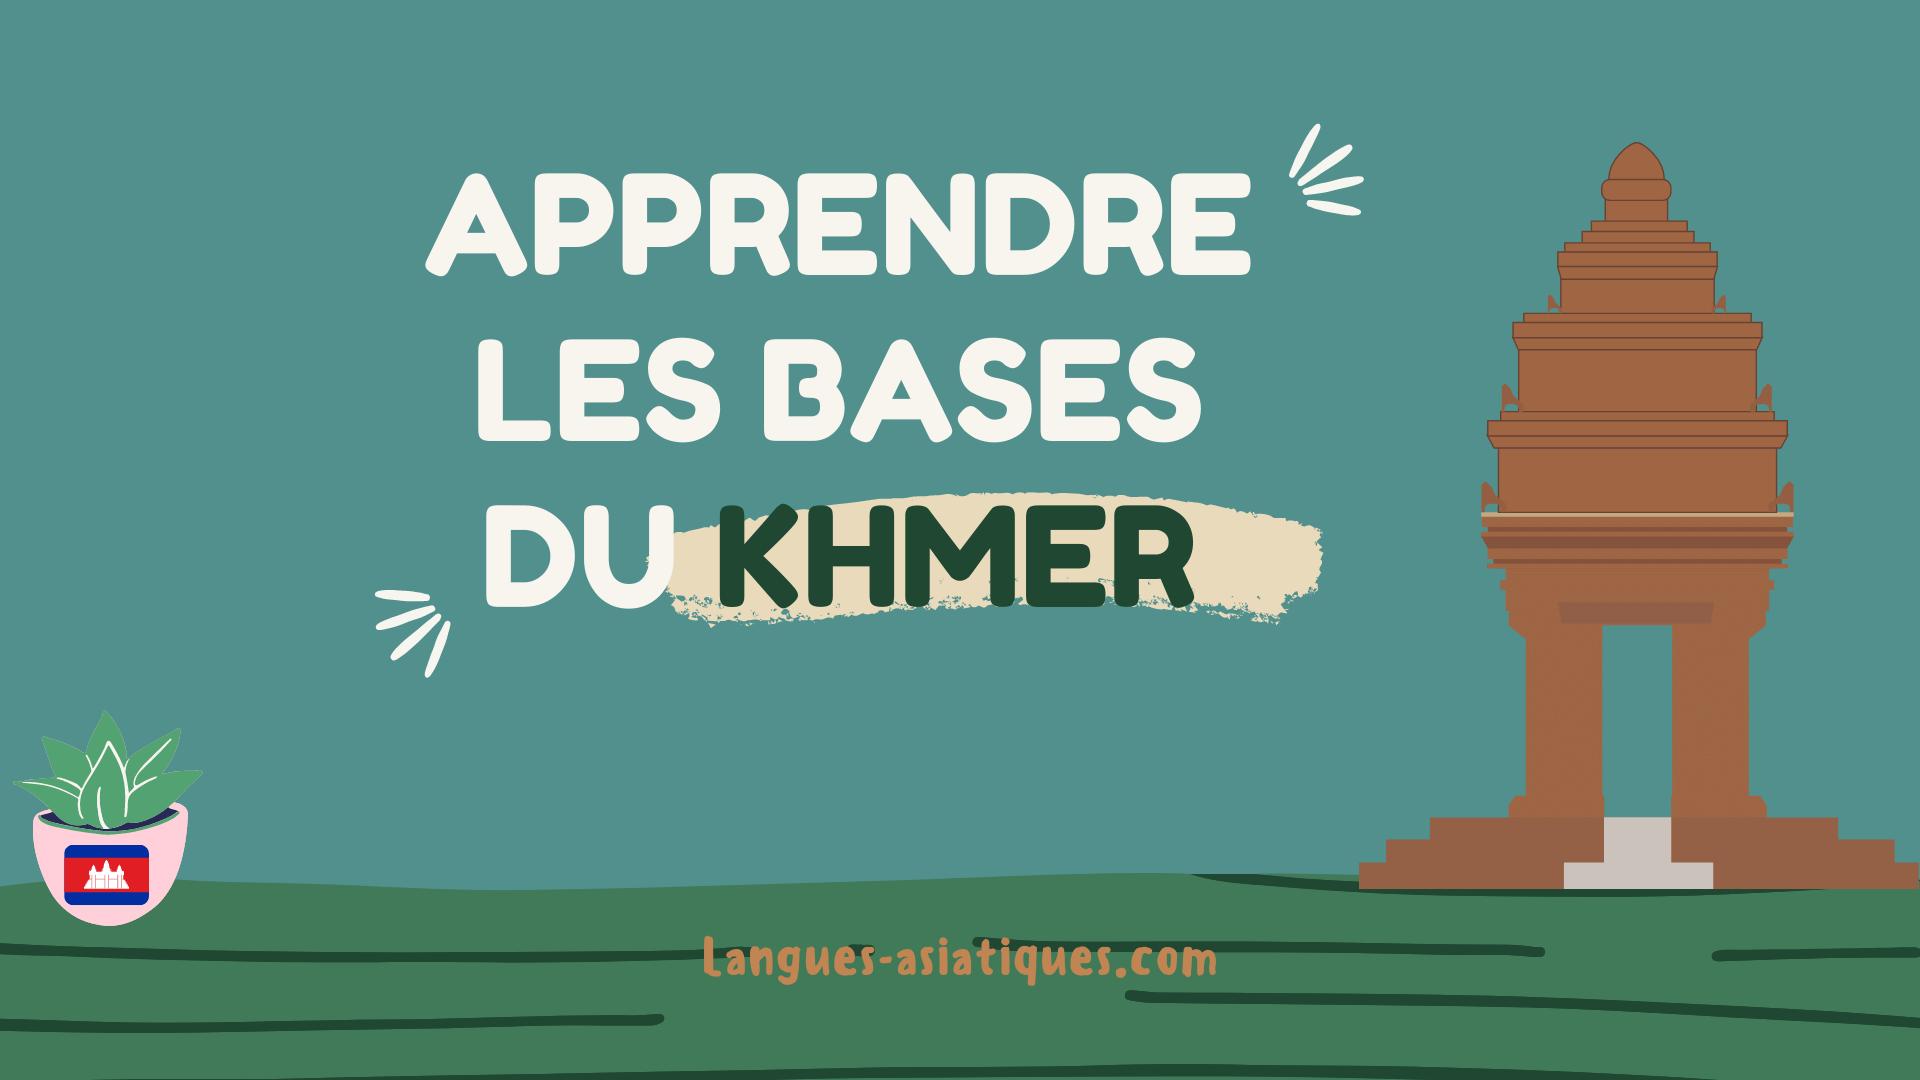 apprendre les bases du khmer